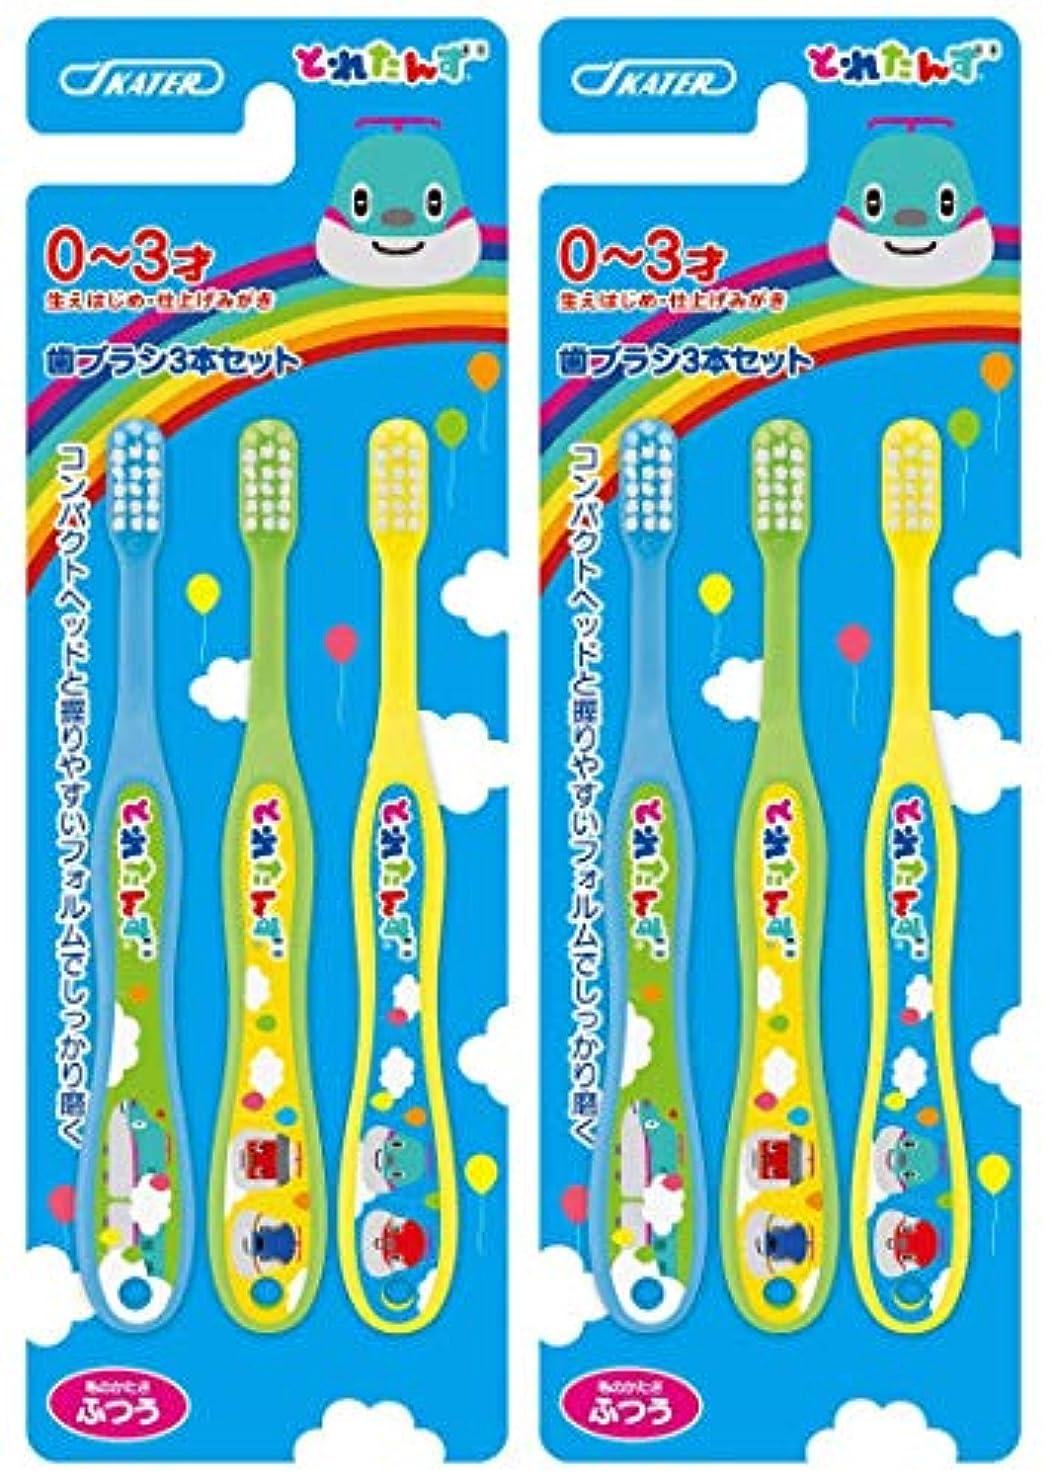 シャベル持参稚魚スケーター 歯ブラシ 歯ブラシ 幼児期用 0-3才 普通 6本セット (3本セット×2個) とれたんず 15cm TB4T